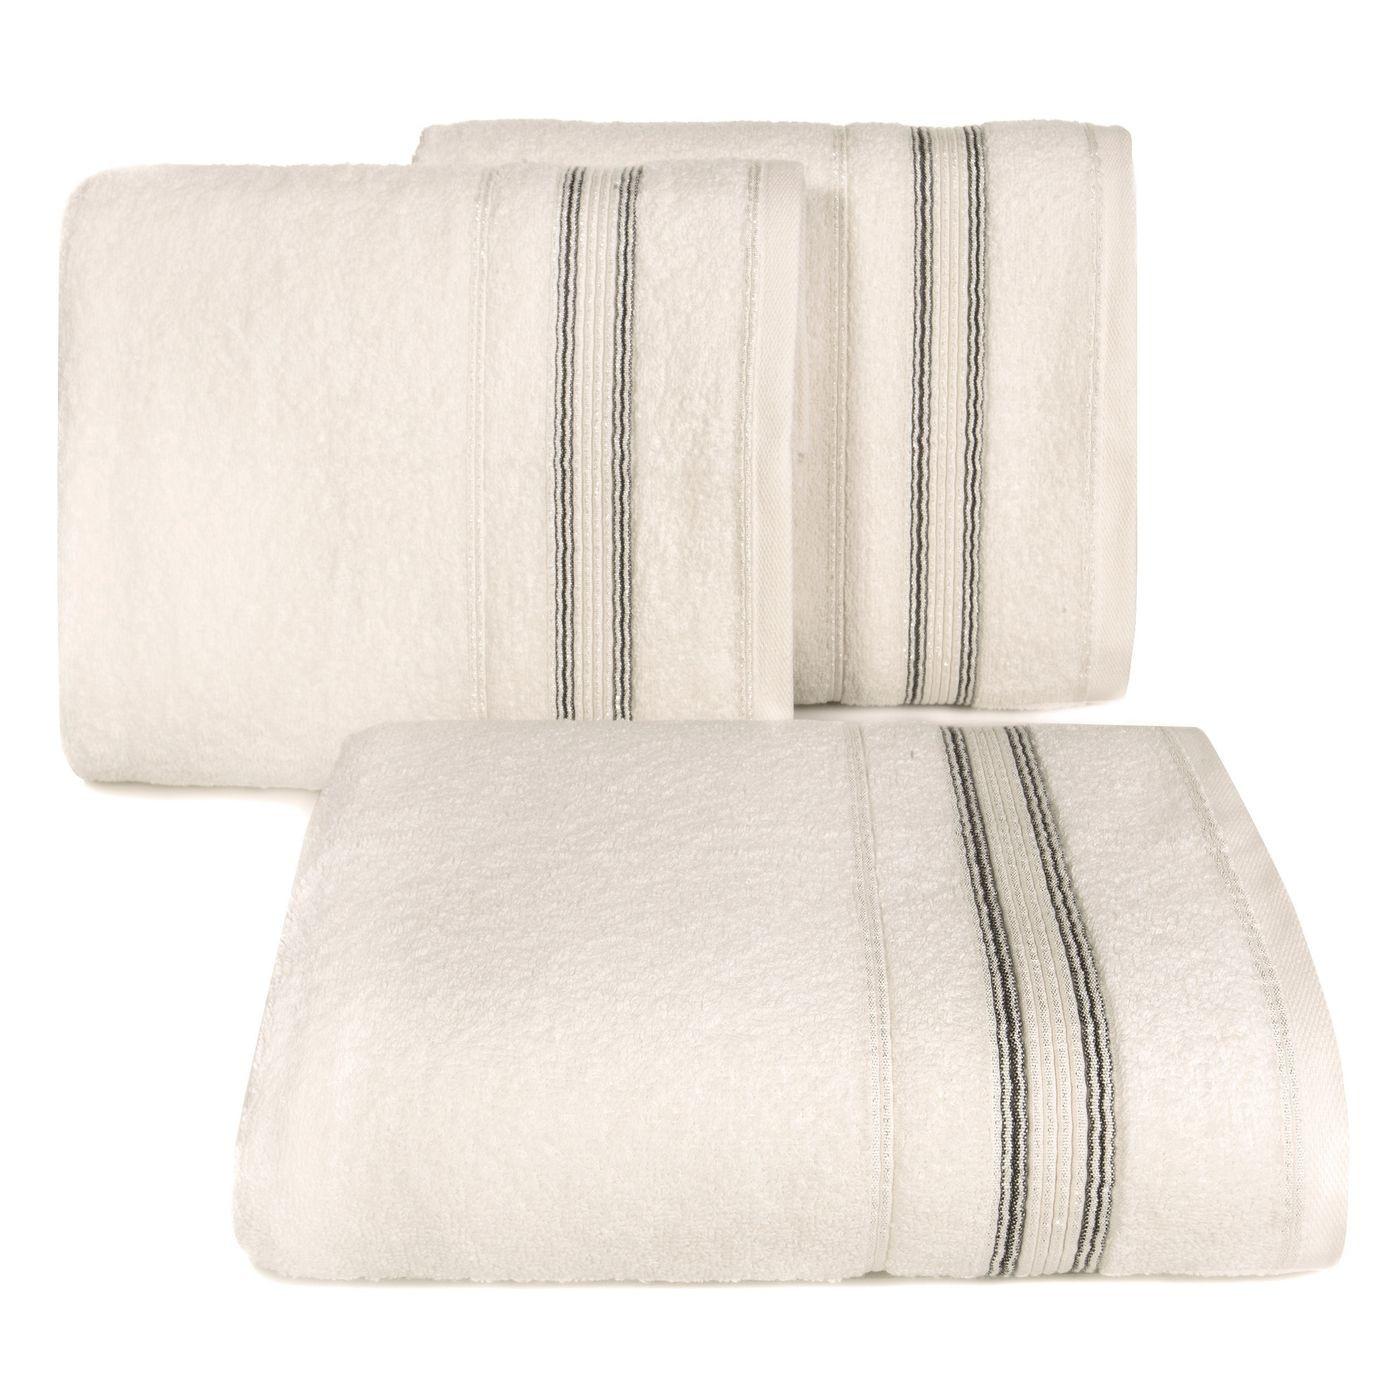 Ręcznik z bawełny z bordiurą podkreśloną srebrną nitką 50x90cm